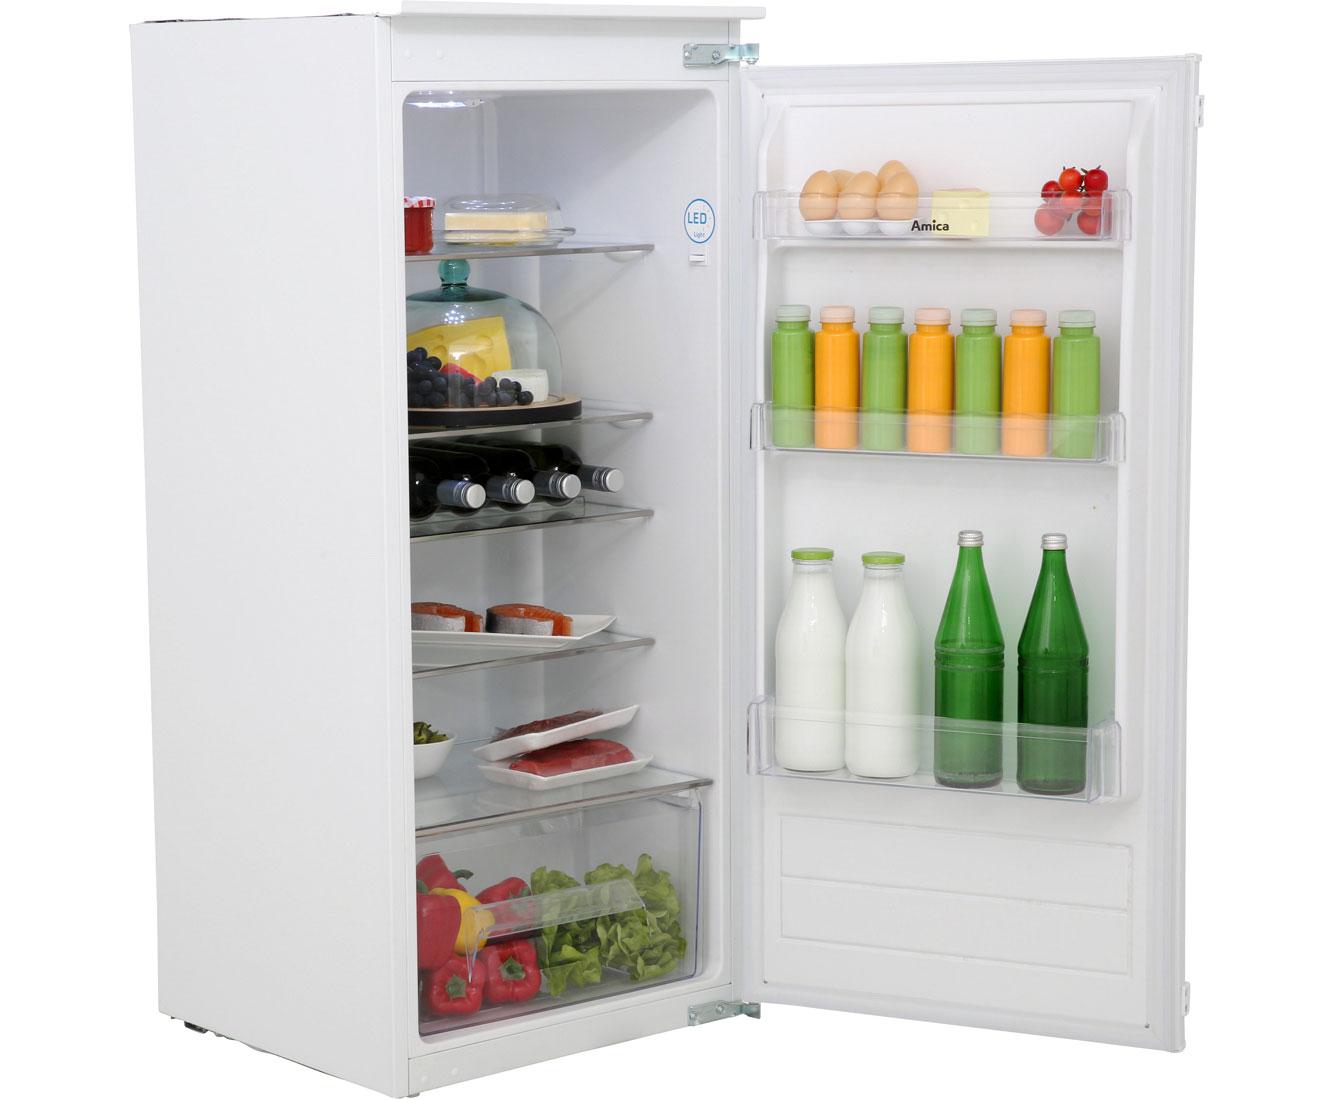 Amica Kühlschrank Geht Nicht Mehr : Amica evks einbau kühlschrank er nische schlepptür